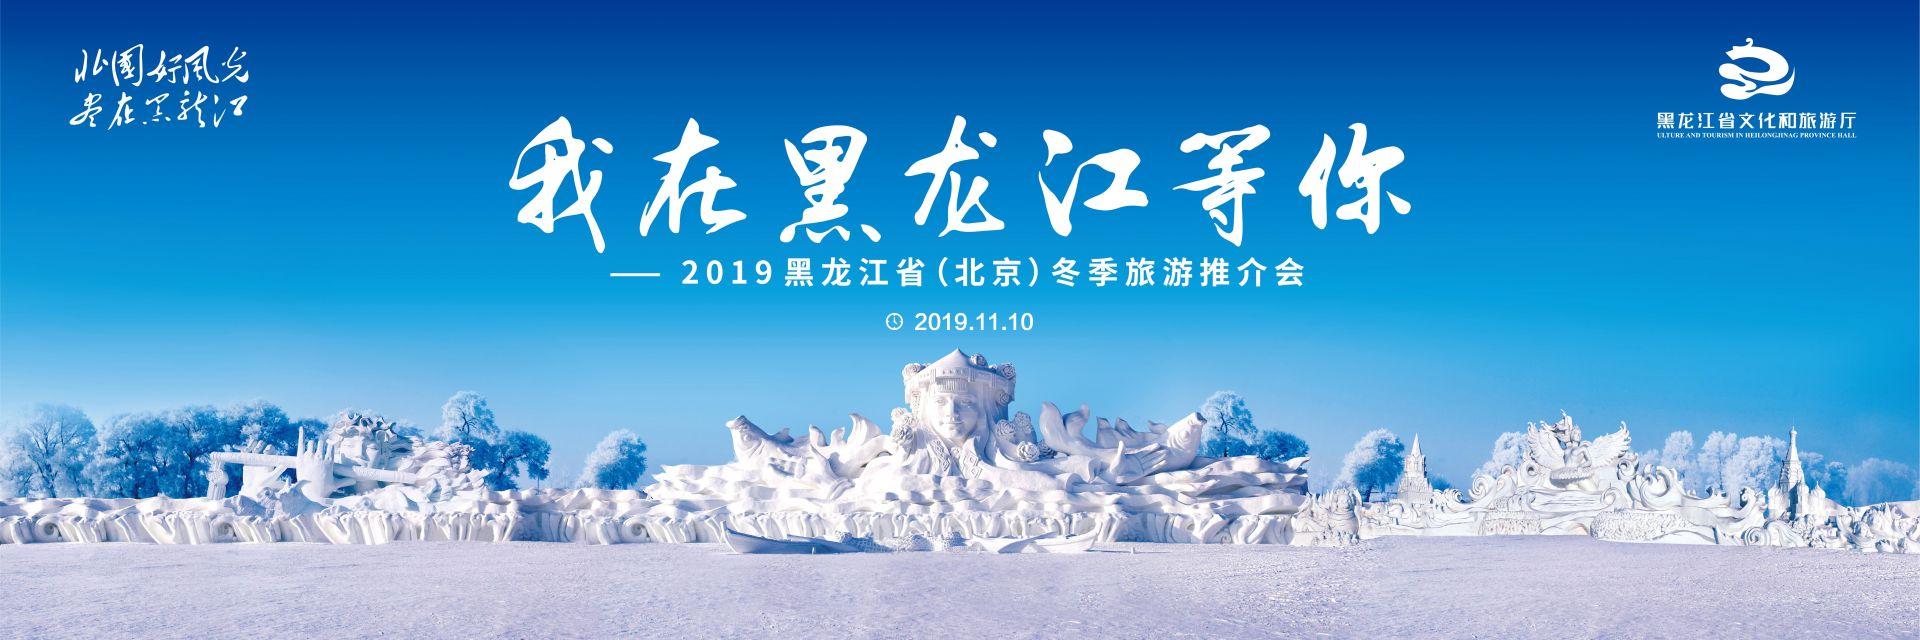 2019黑龙江冬季旅游推介会